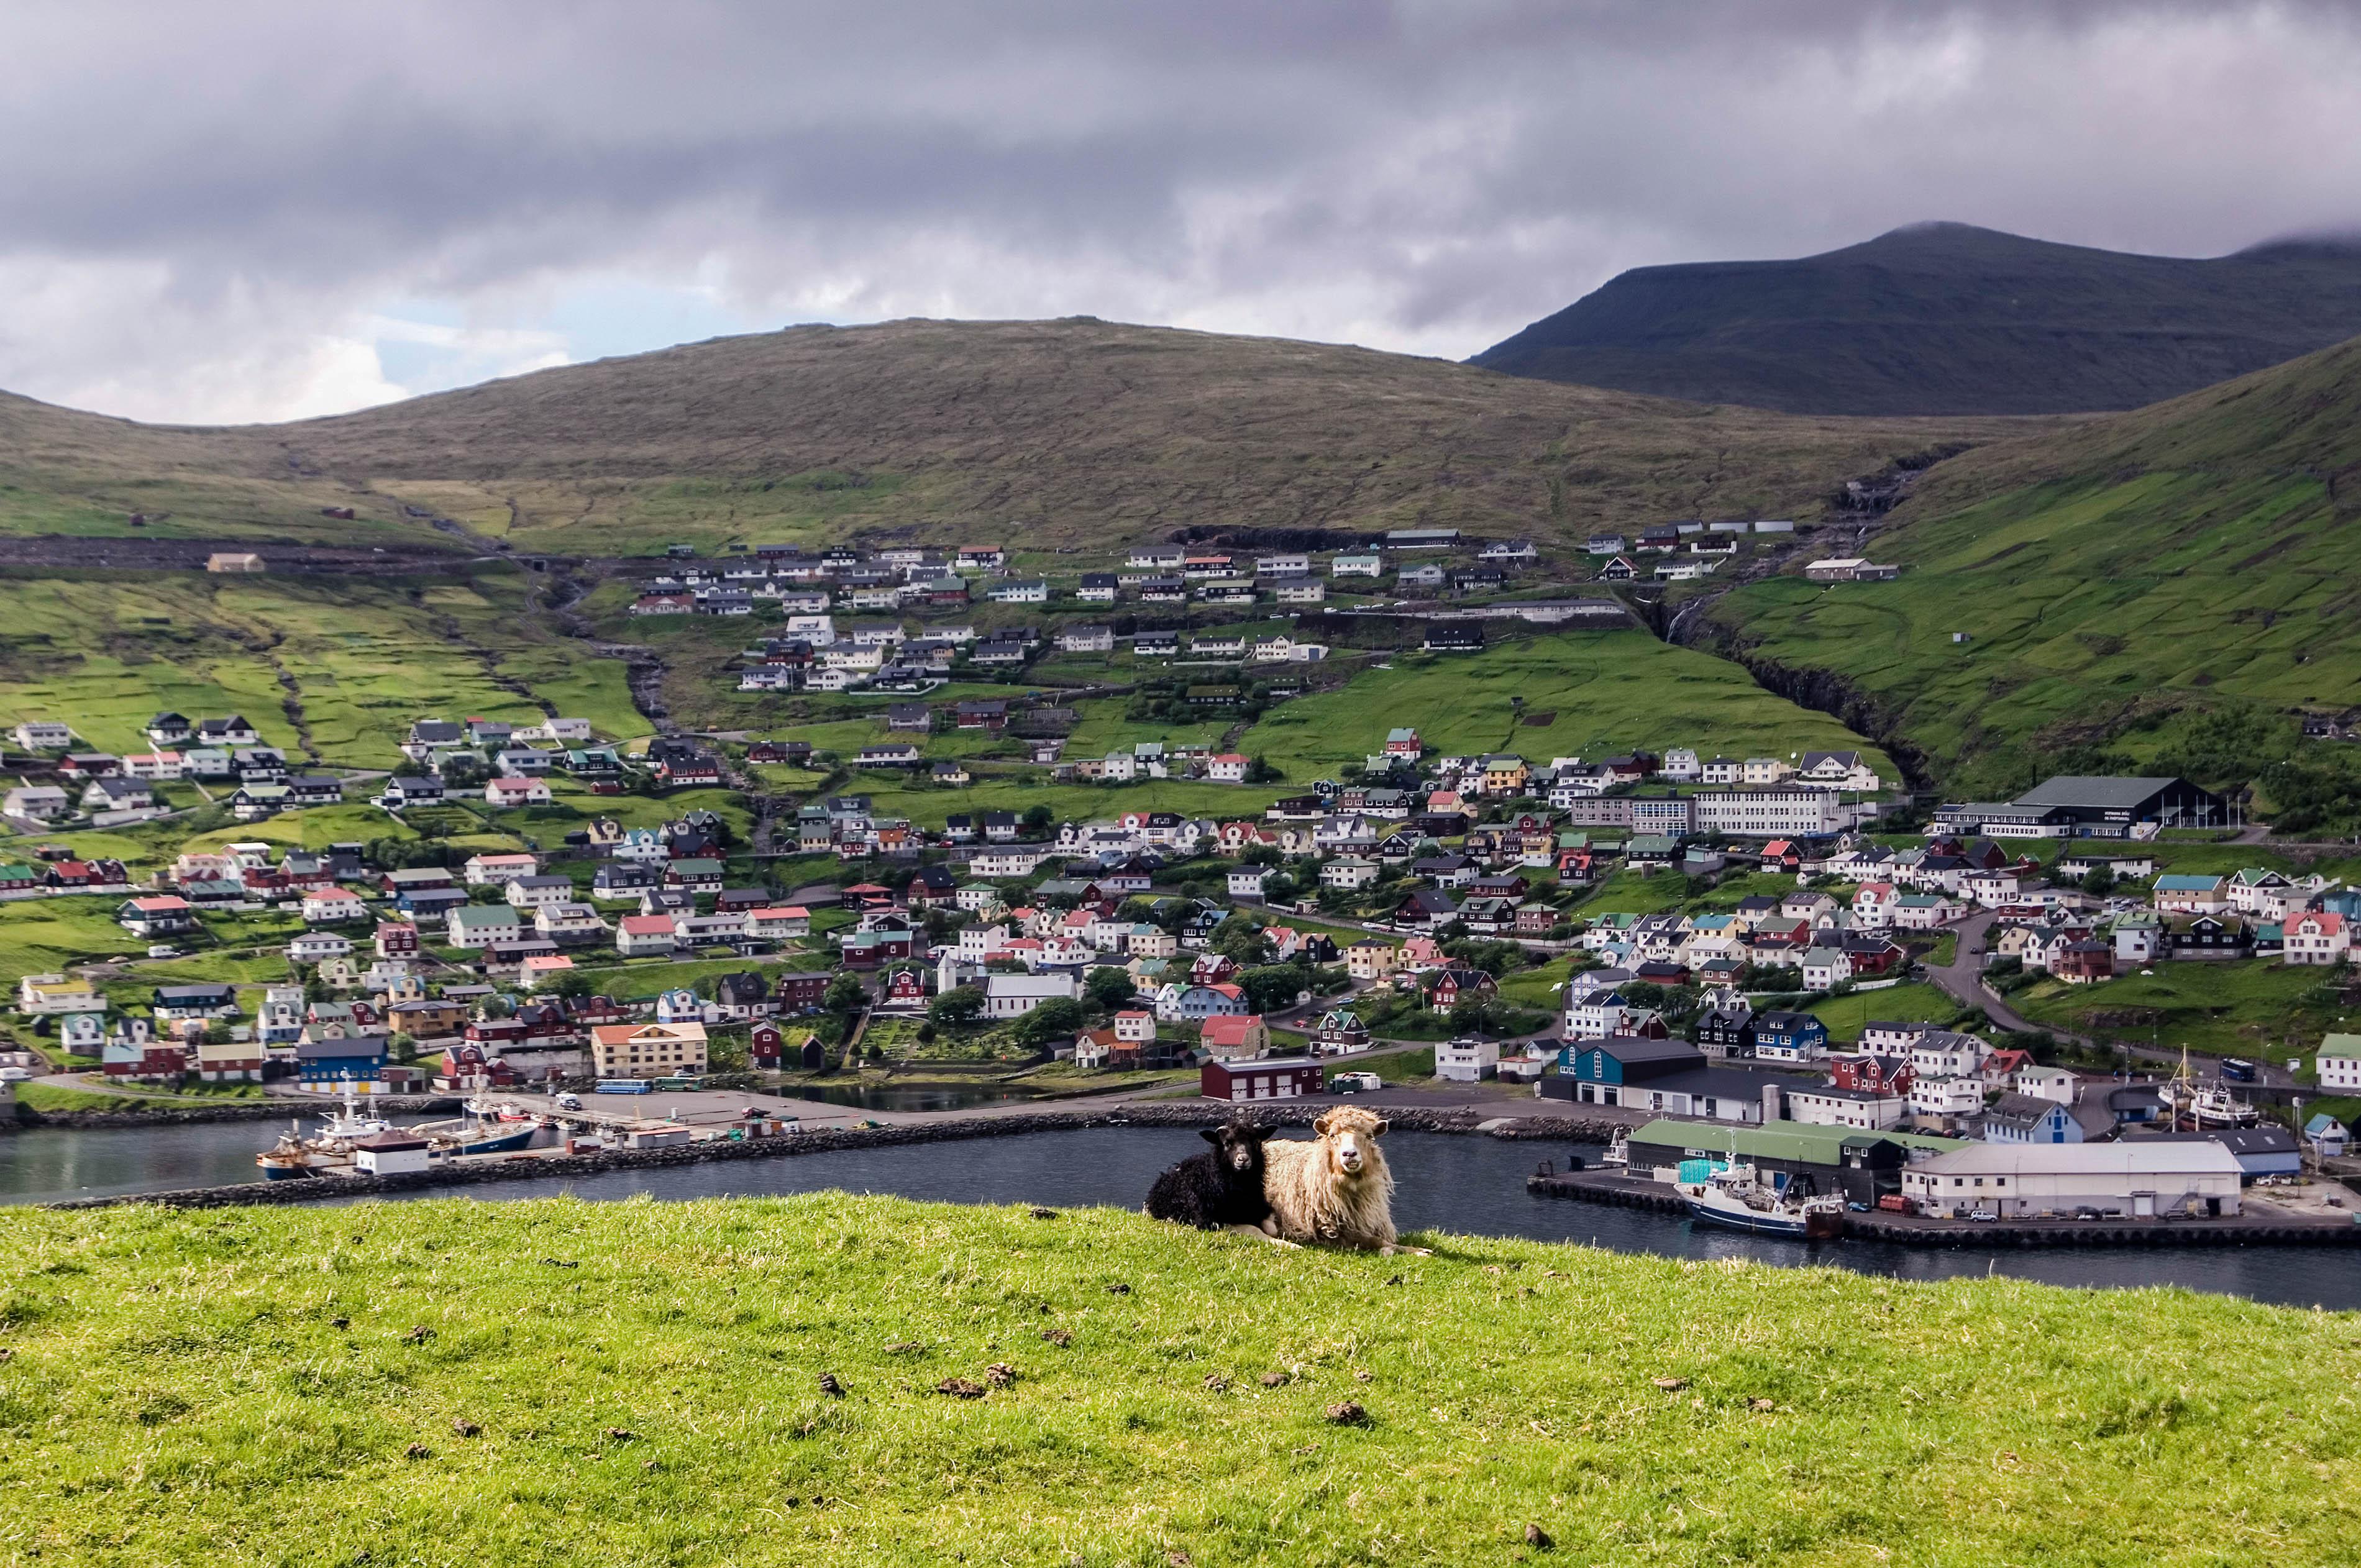 Die Färöer Inseln haben viele naturgewaltige Reiseziele zu bieten